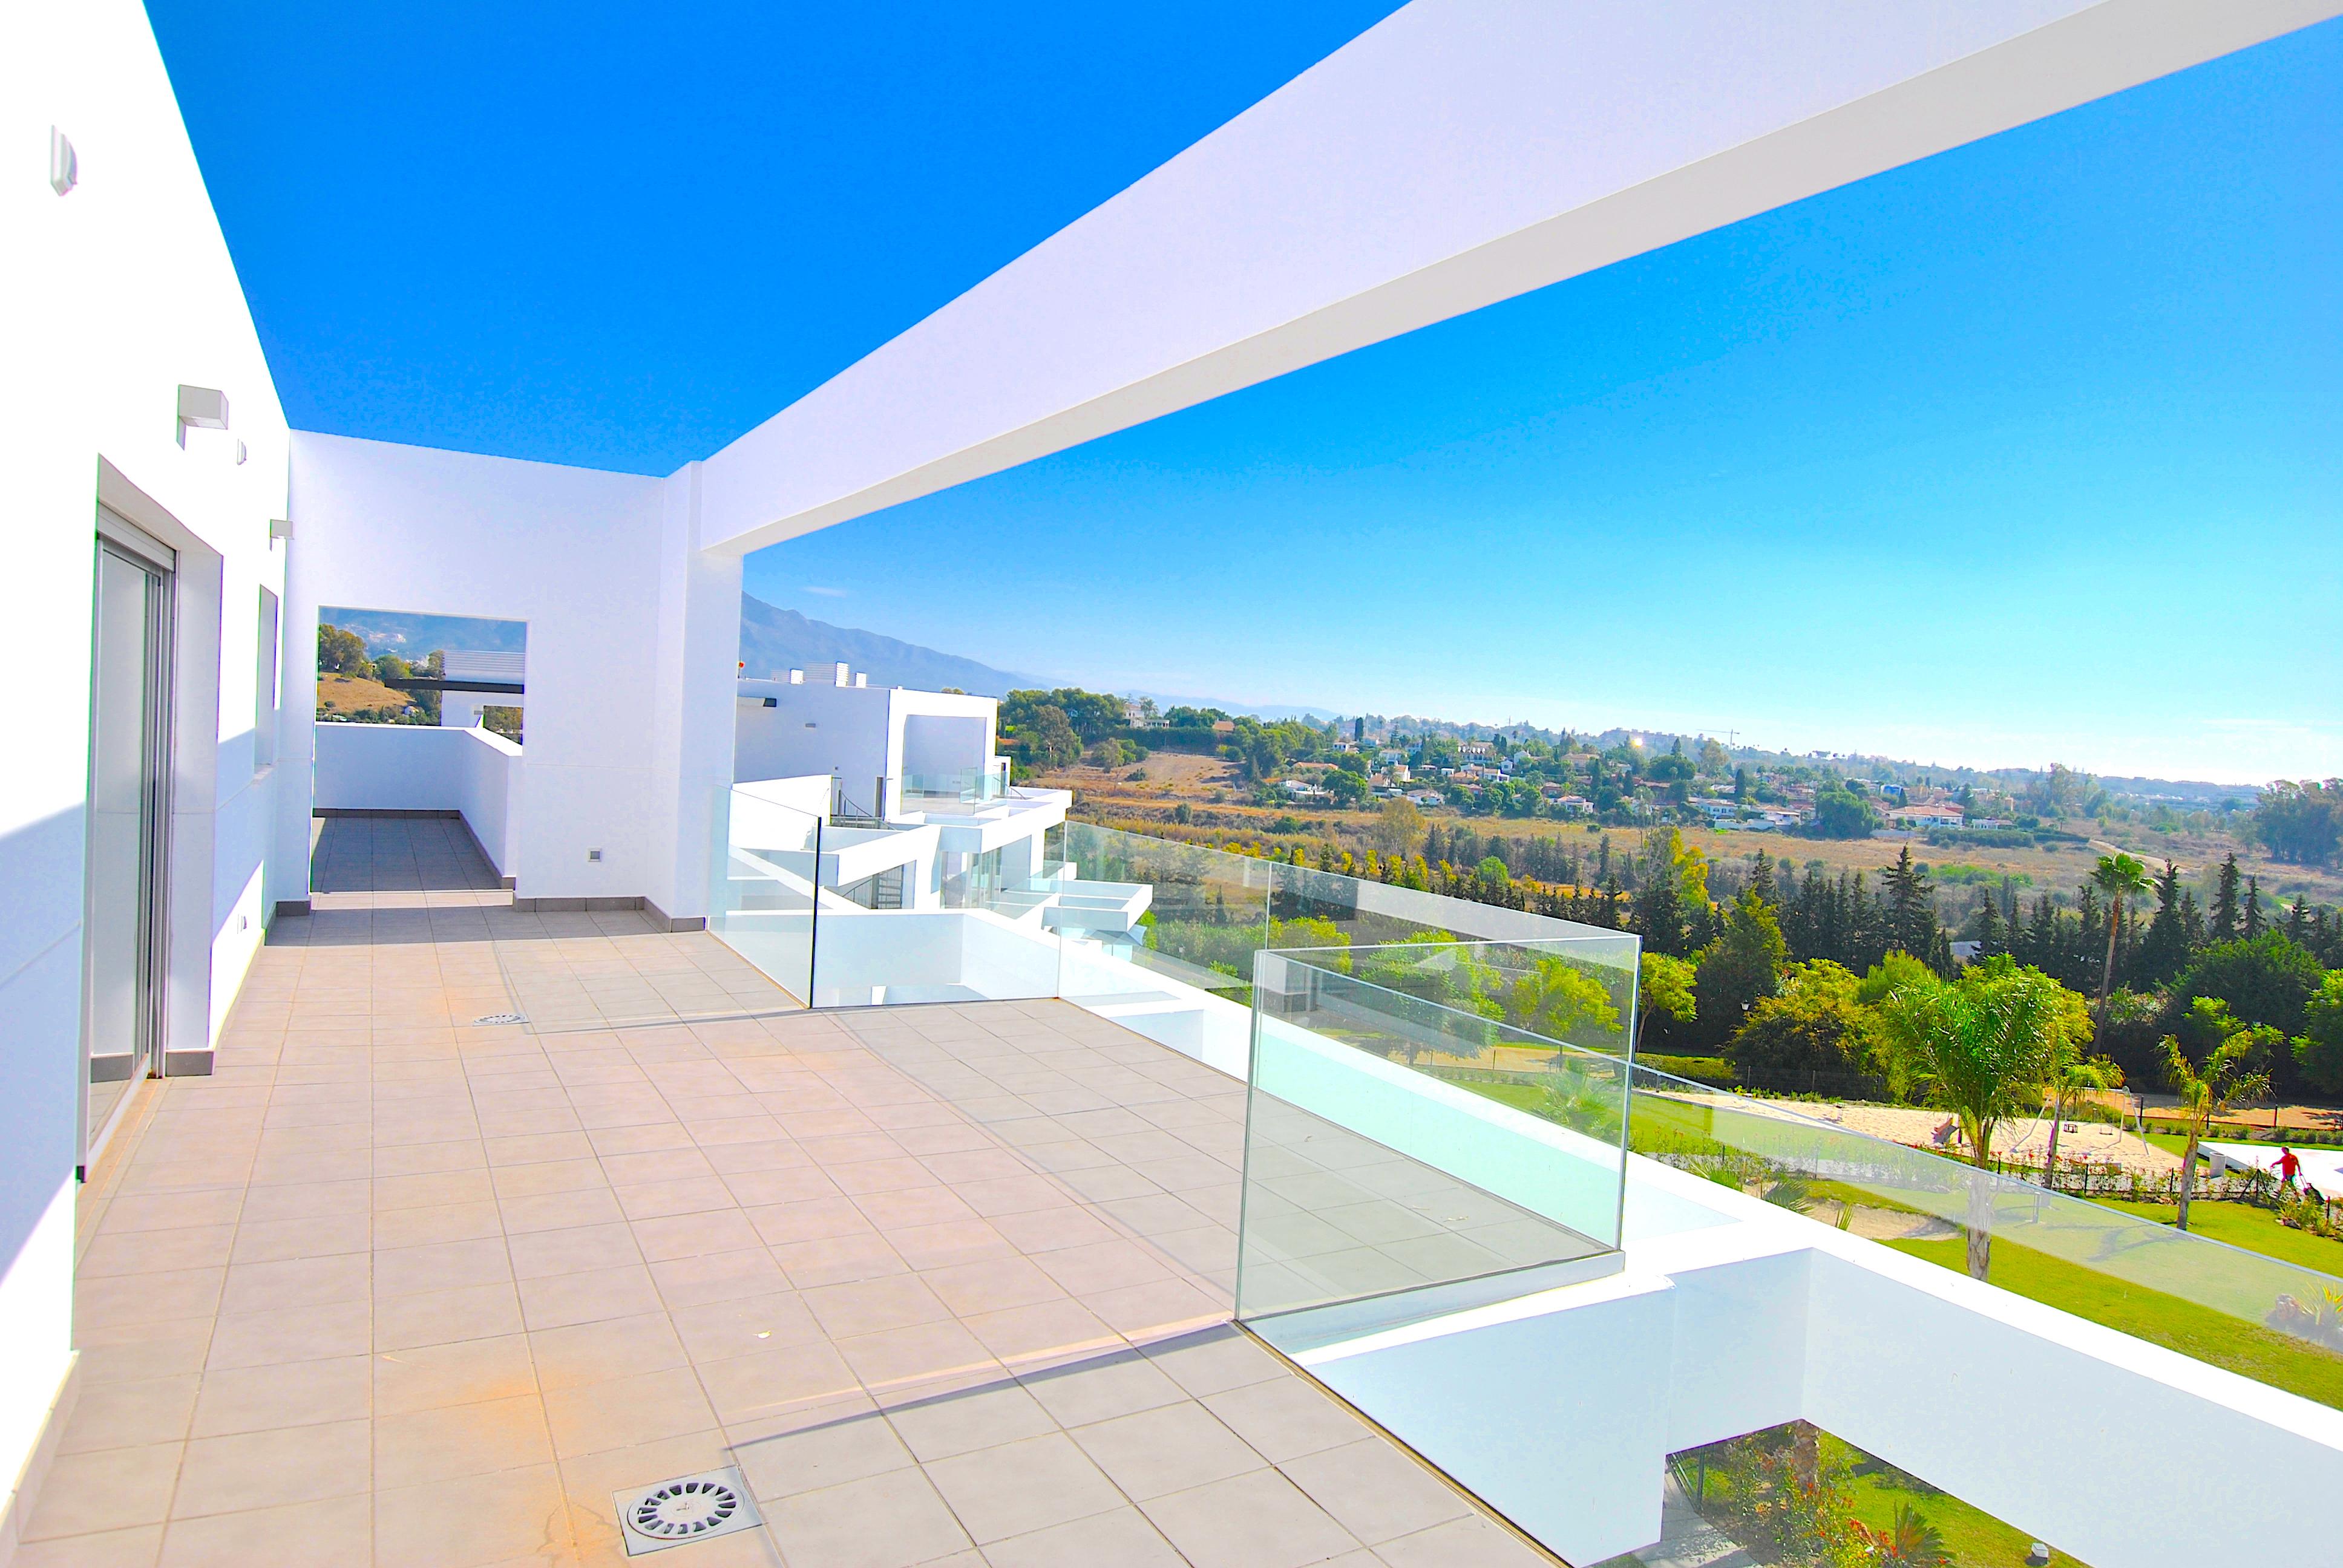 359-00082P: Duplex Penthouse in Estepona